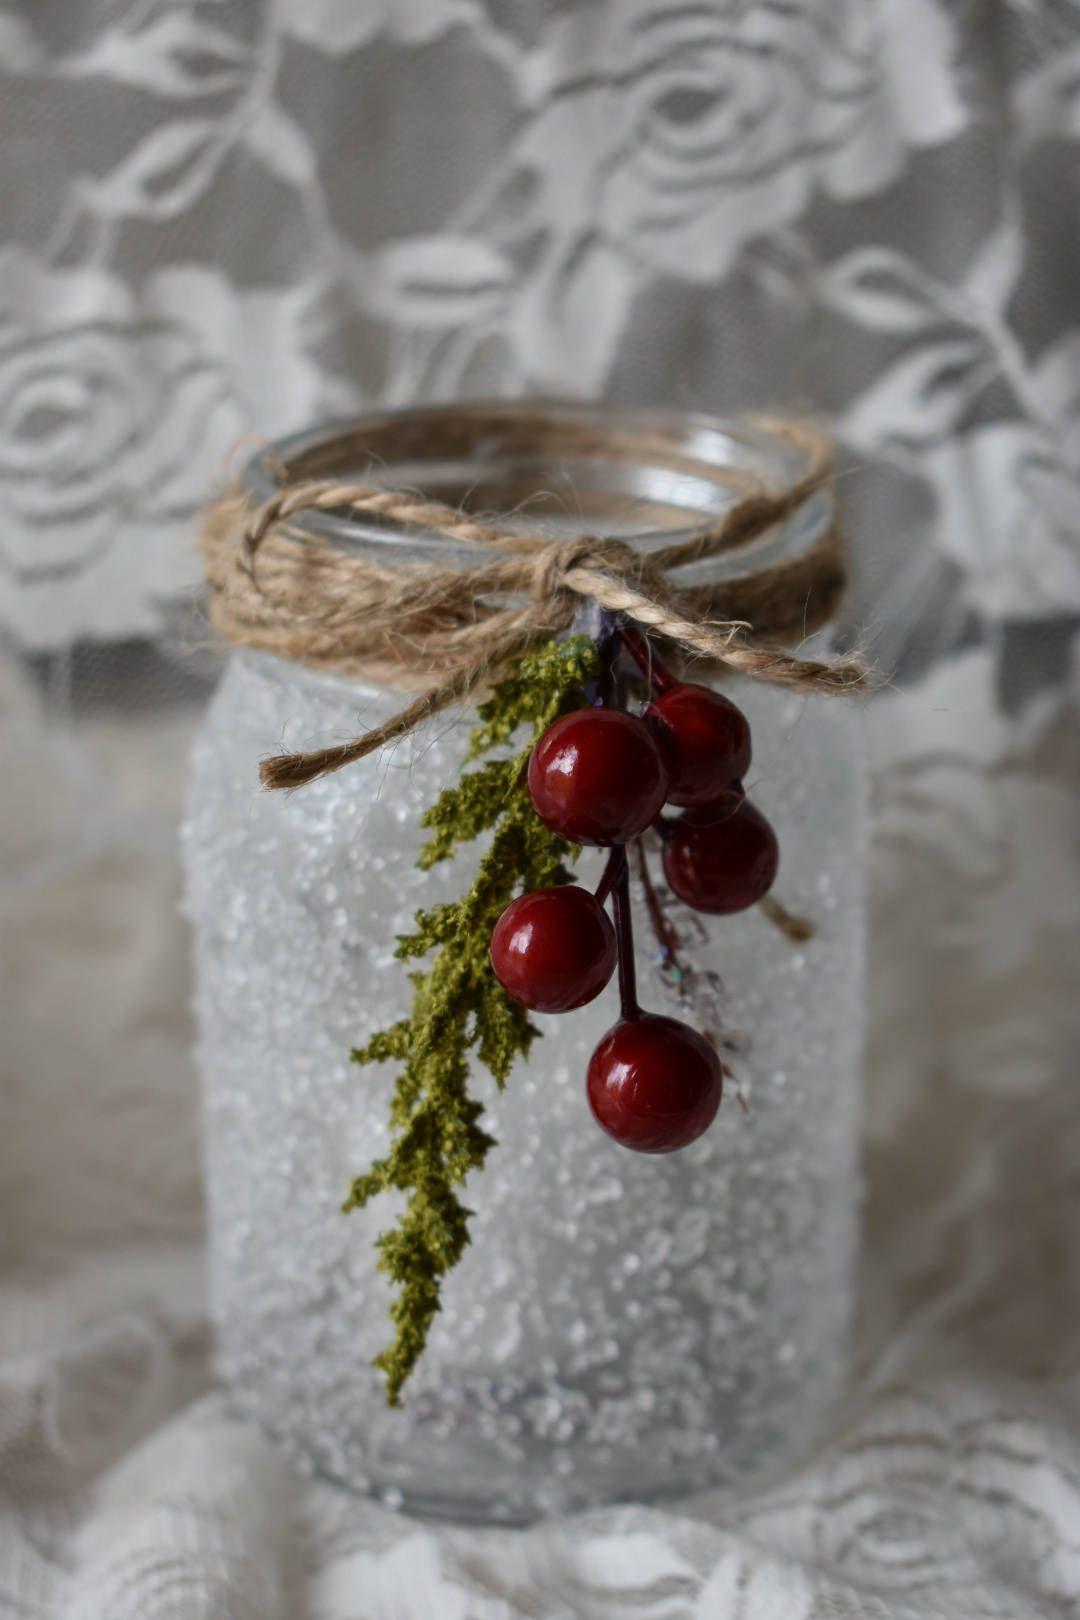 Photo of Tarro de albañil de invierno, decoración de Navidad, decoración de invierno, tarros de albañil de Navidad, decoración del hogar de invierno, portavelas de invierno, decoración del hogar de Navidad